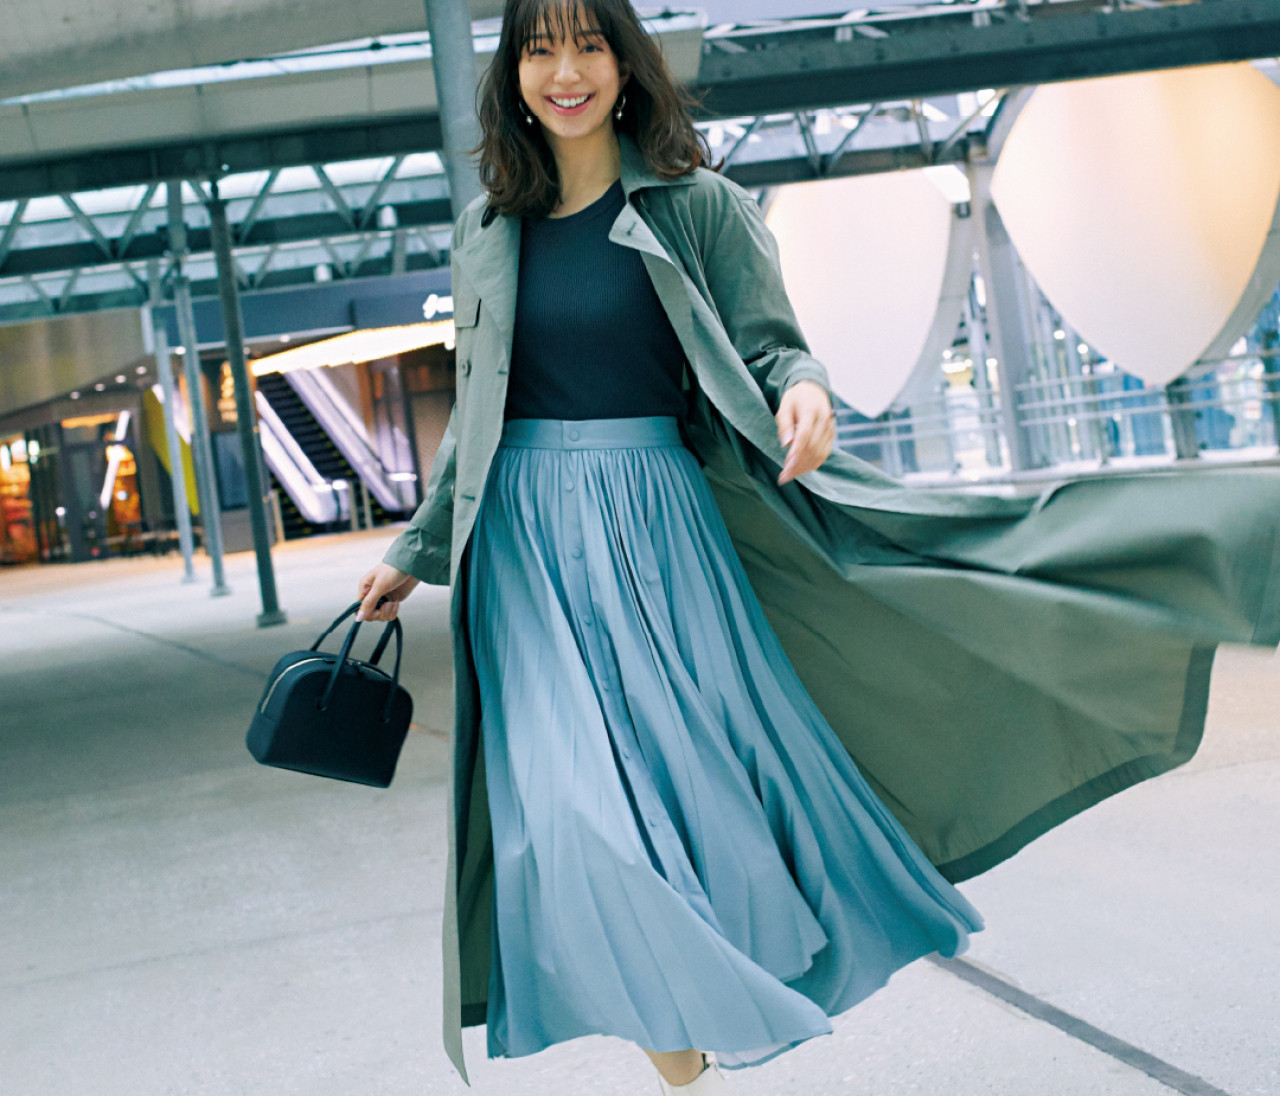 日曜日は、春のイチ押しカラー「くすみブルー」のスカートで新鮮に!【30代今日のコーデ】